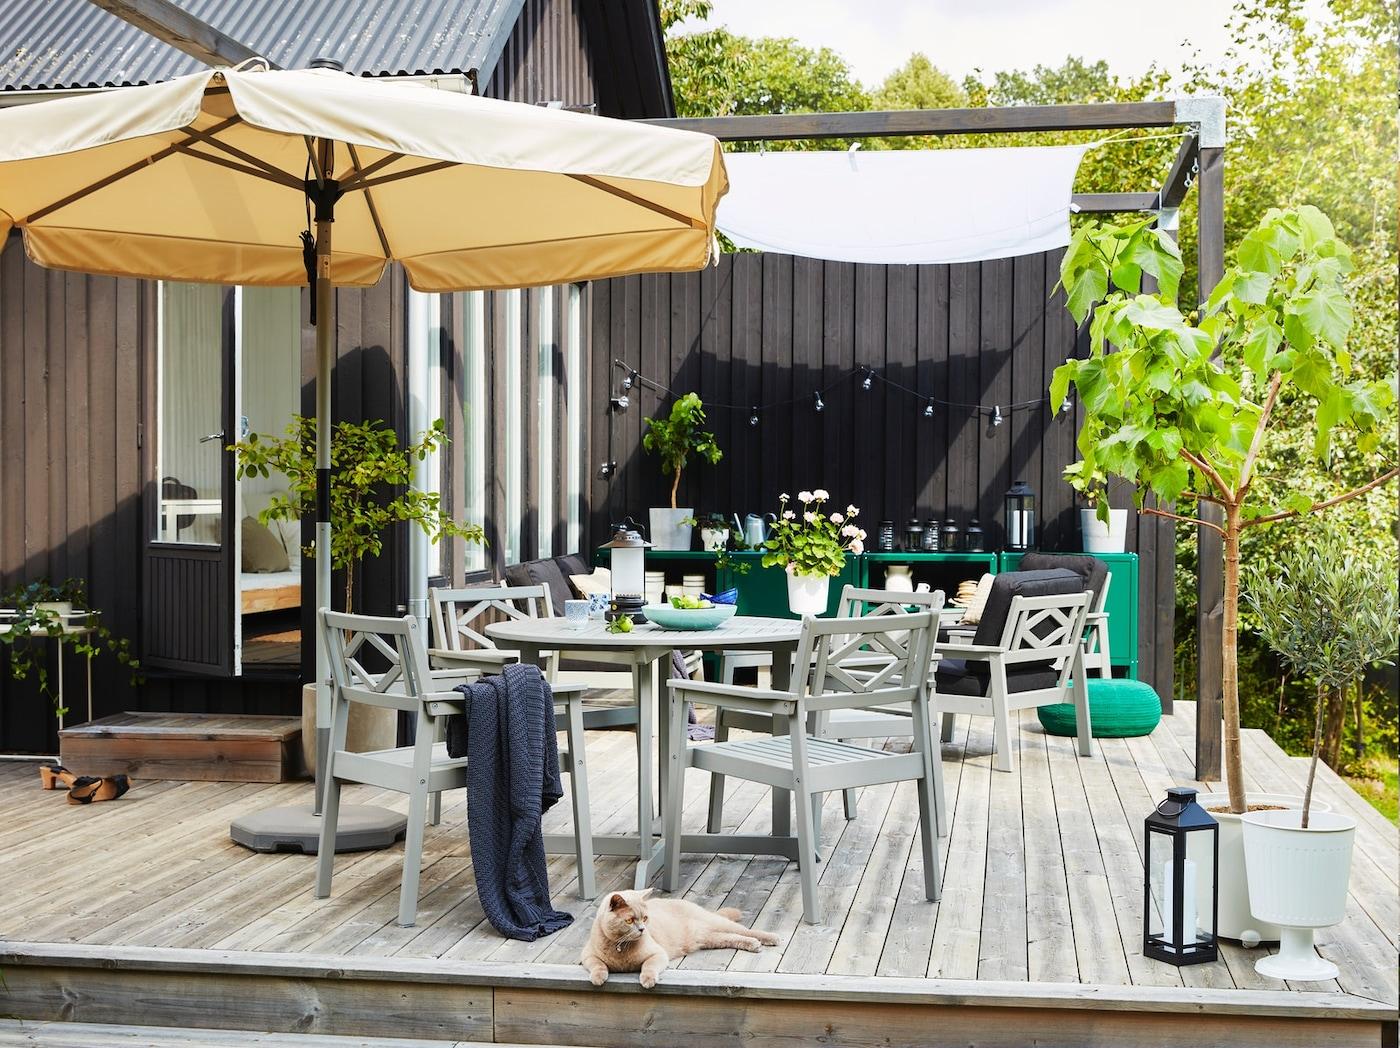 En uteplass på en treplatting med en beige parasoll, grå hagemøbler, grønne plantede trær og en katt.